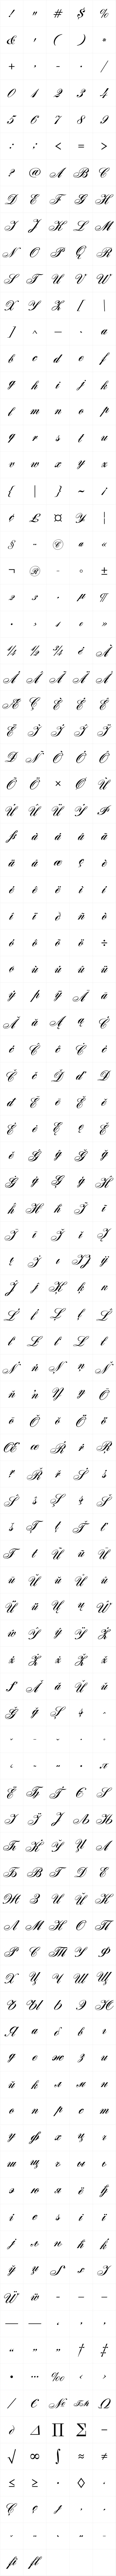 Signpainters Script